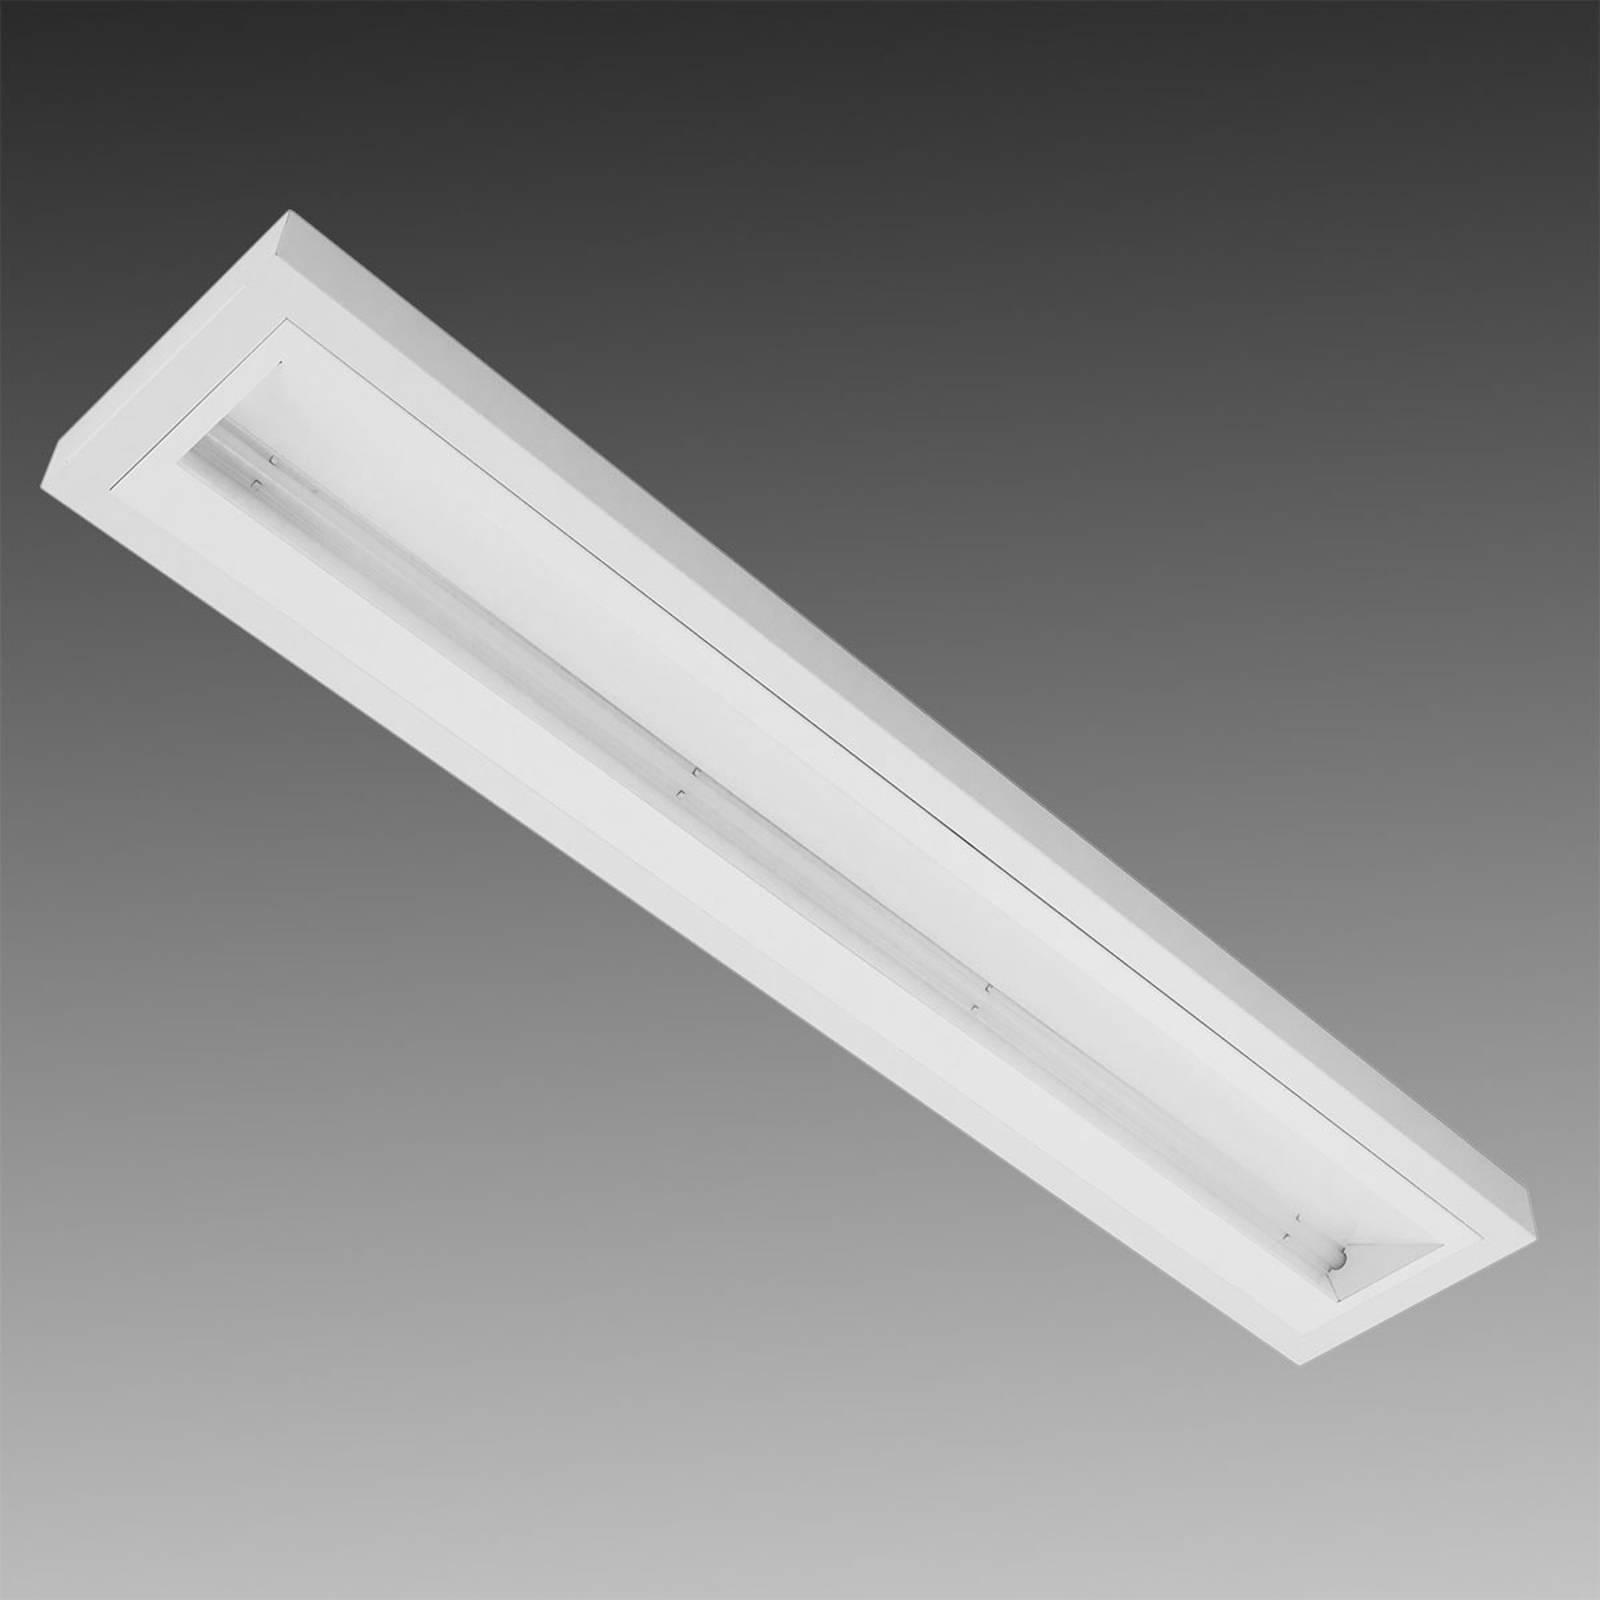 Applique LED asymétrique, blanc 50W